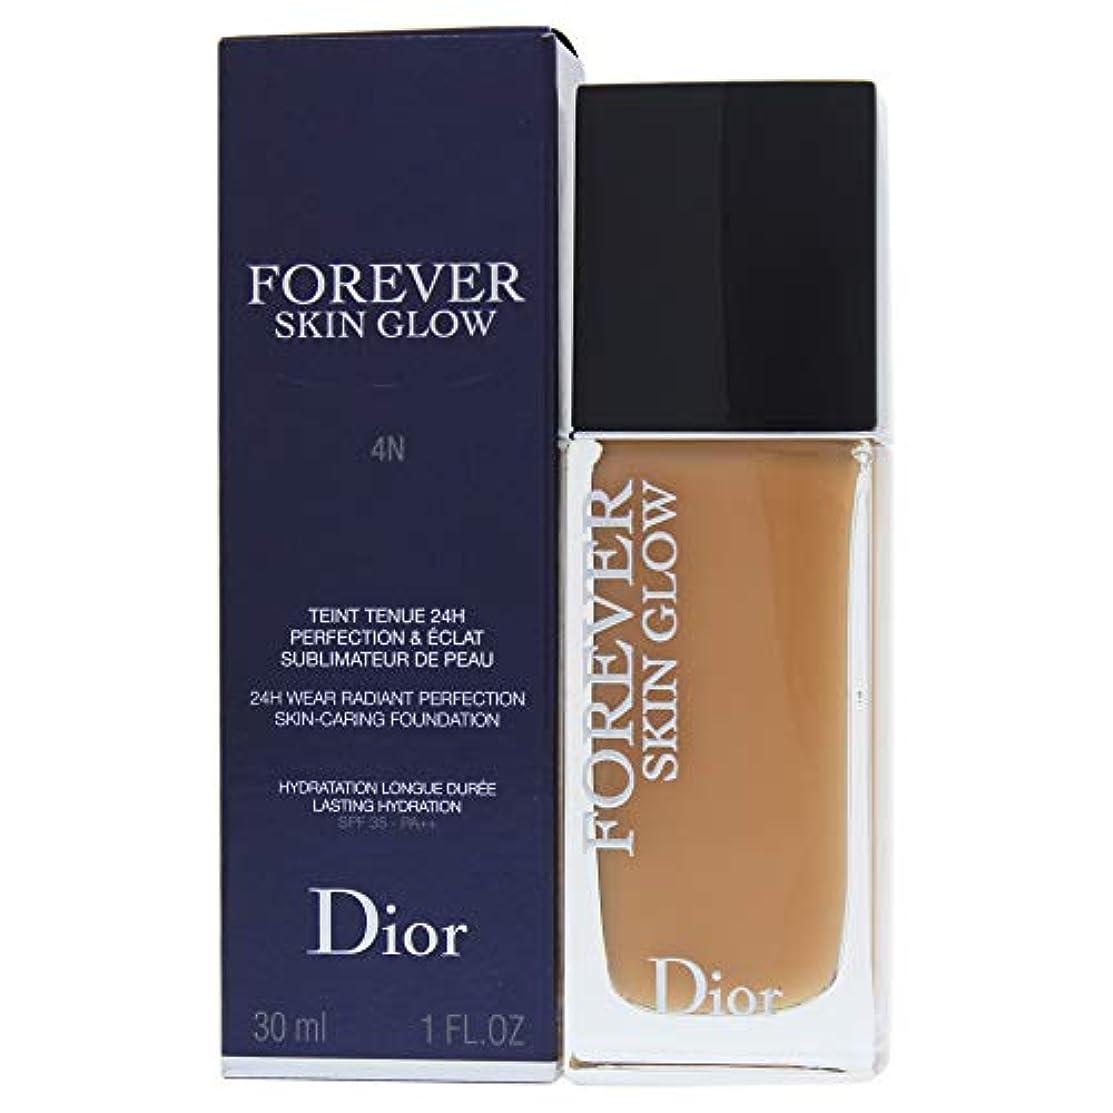 インタビューセンブランス無謀クリスチャンディオール Dior Forever Skin Glow 24H Wear High Perfection Foundation SPF 35 - # 4N (Neutral) 30ml/1oz並行輸入品